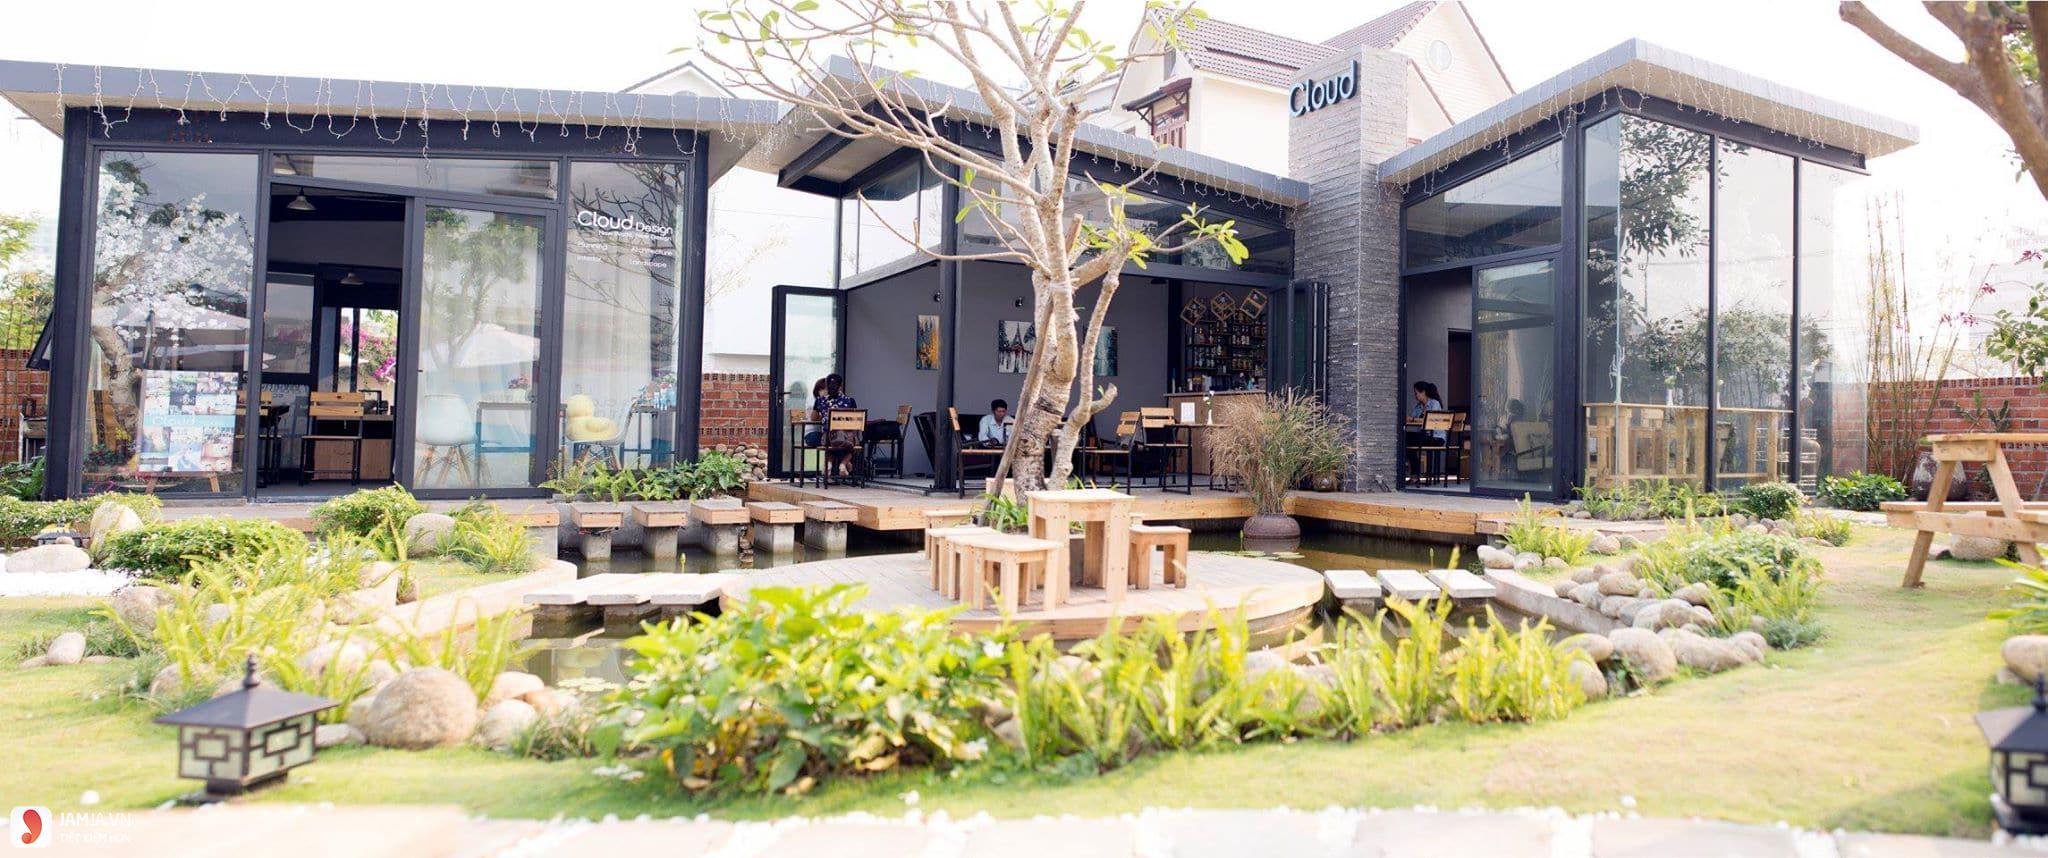 quán cà phê đẹp và rẻ ở đà nẵng Cloud Garden Coffee Shop 1